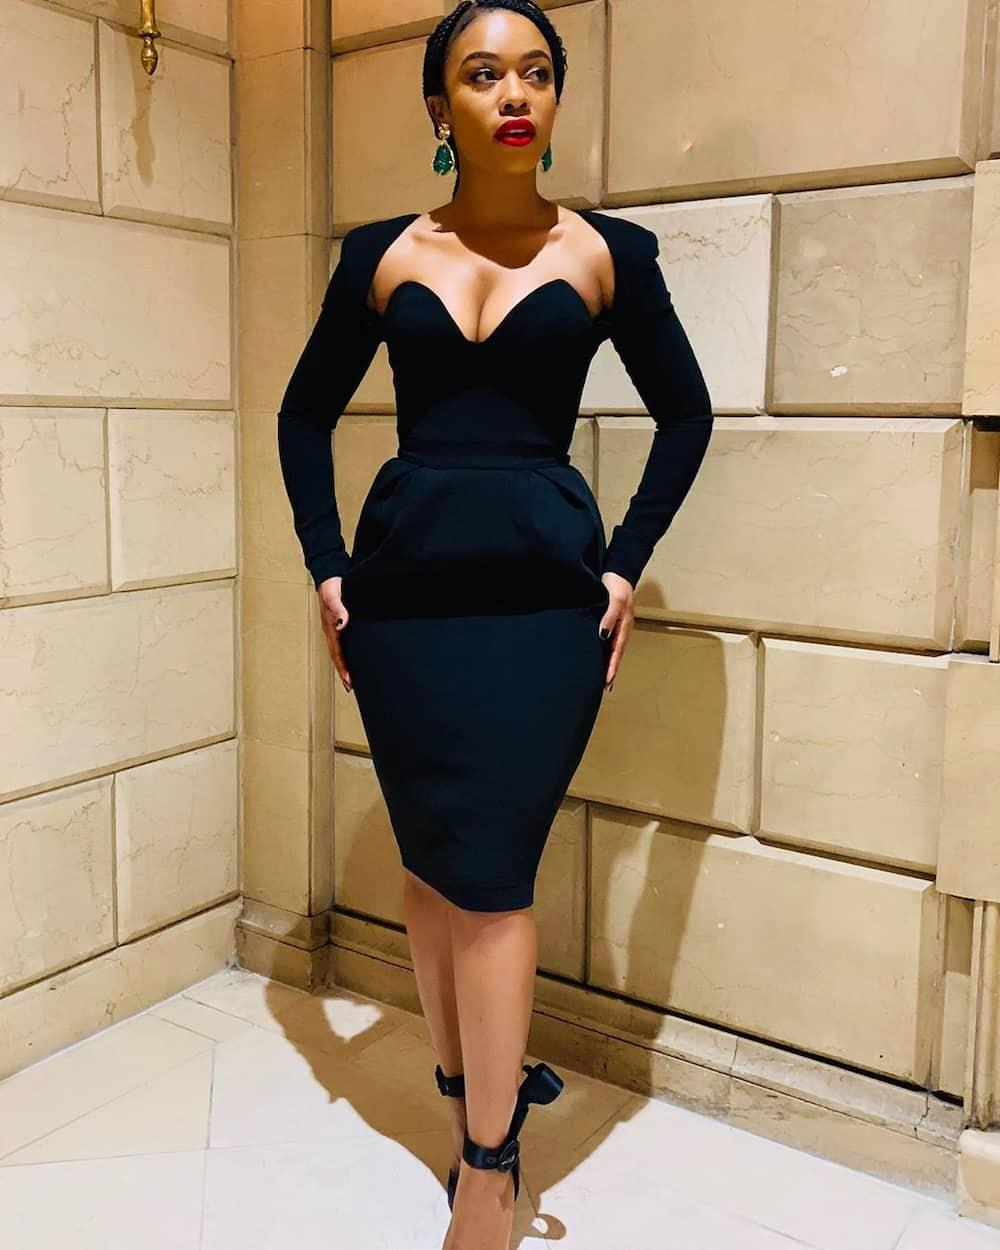 Mbatha dresses